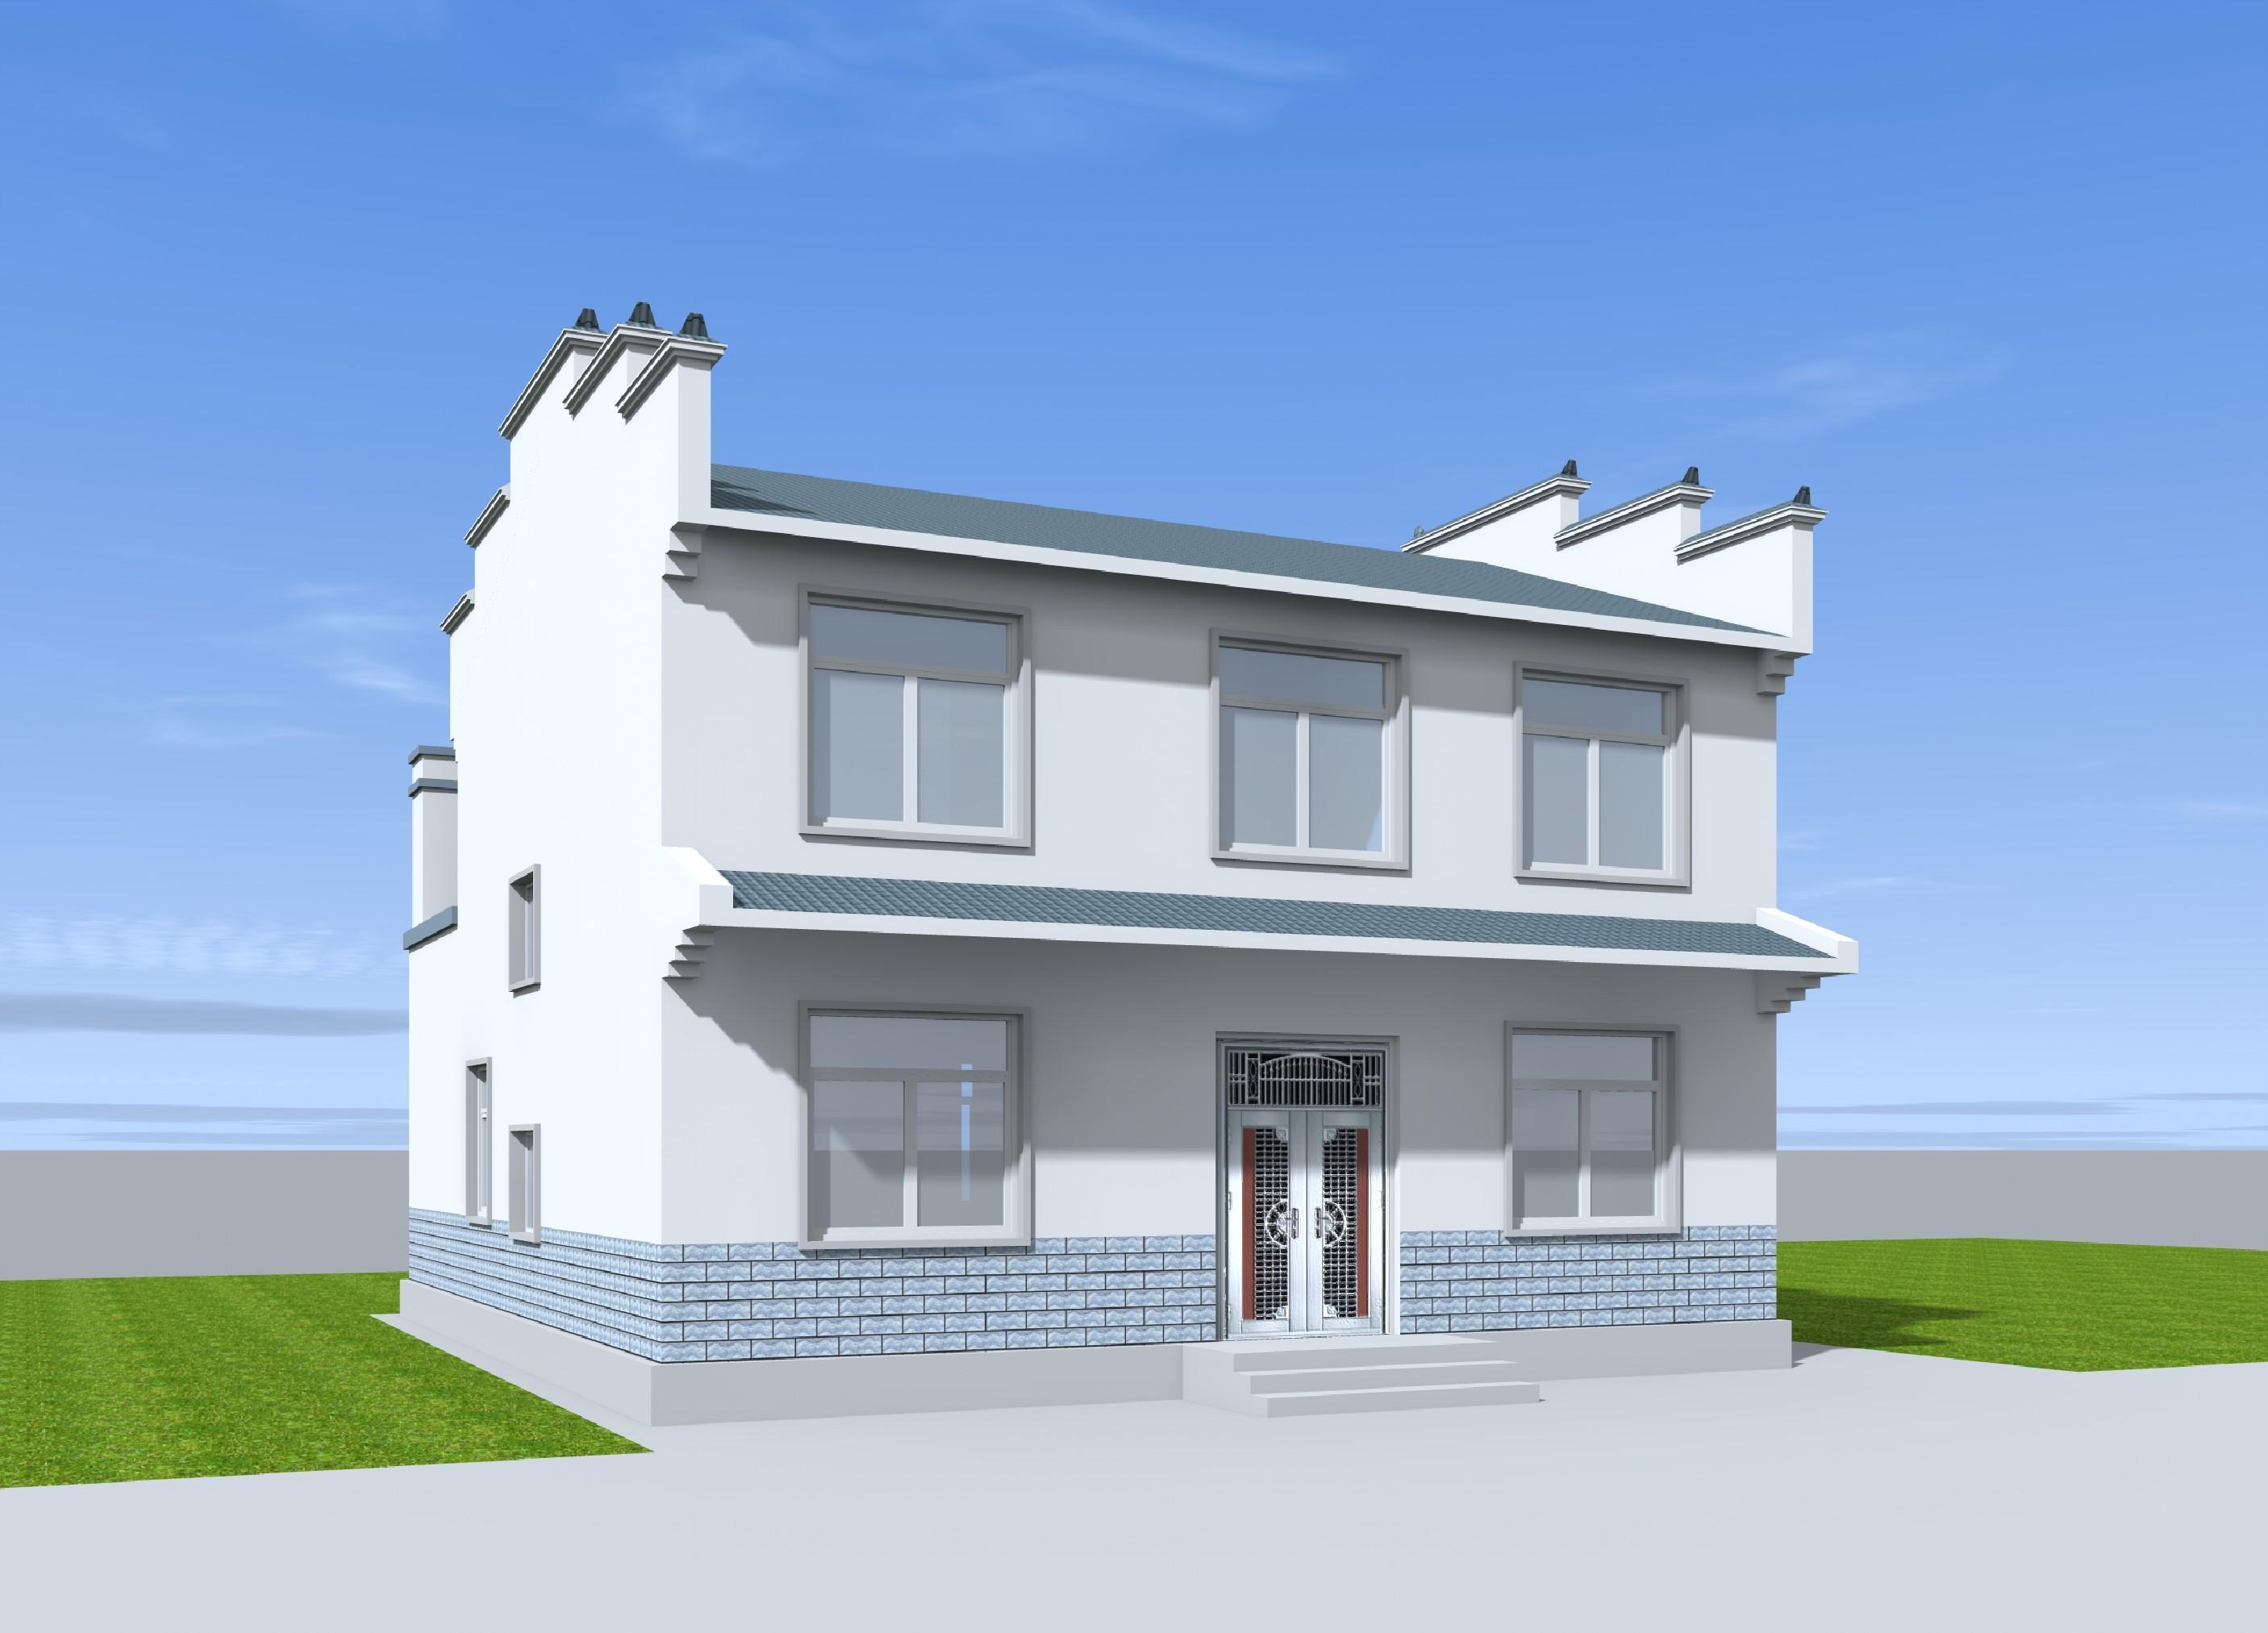 8 两层农村自建徽派别墅住宅设计图户型平面图布局图建筑结构水电效果